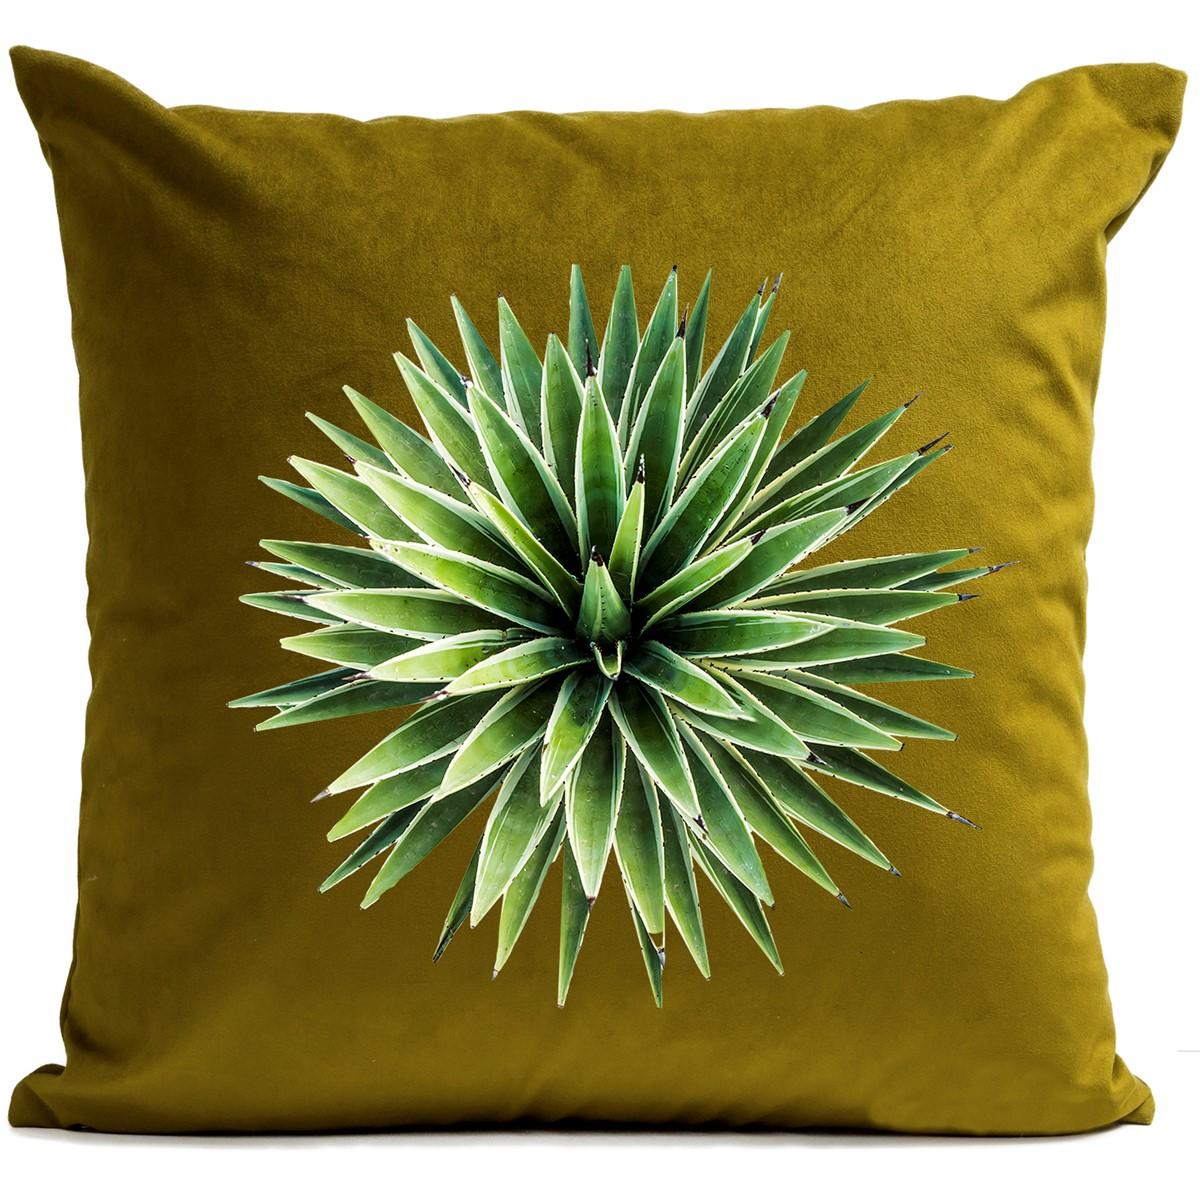 Coussin velours carré imprimé floraux vert olive 60x60